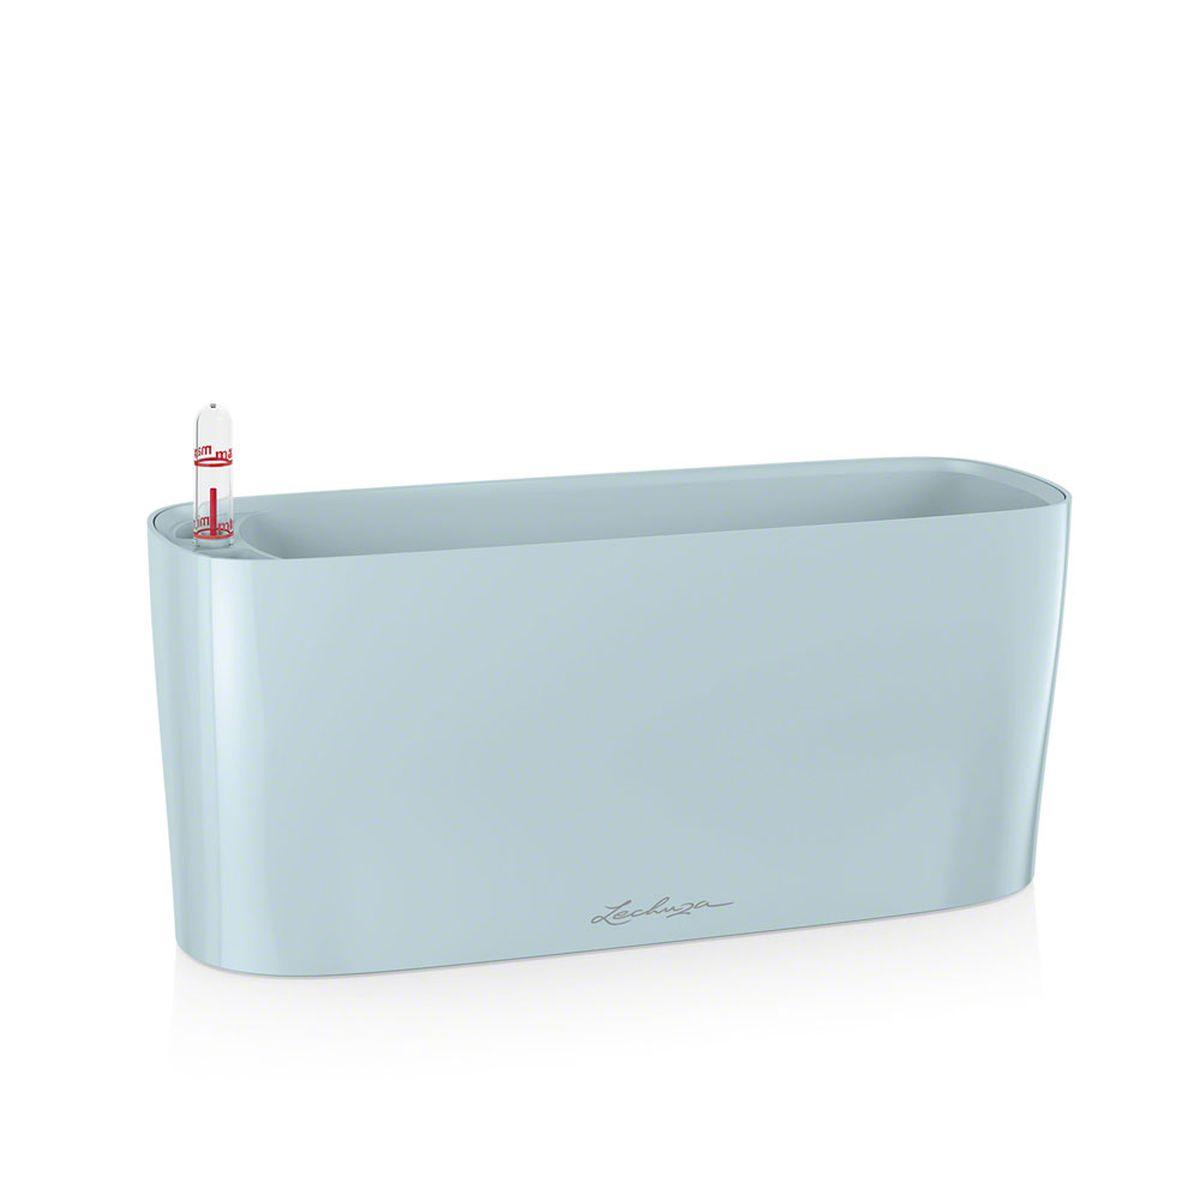 Кашпо Lechuza Delta, с системой автополива, цвет: голубой, 30 х 11 х 13 см15461Кашпо Lechuza Delta, выполненное из высококачественного пластика, имеет уникальную систему автополива, благодаря которой корневая система растения непрерывно снабжается влагой из резервуара. Уровень воды в резервуаре контролируется с помощью специального индикатора. В зависимости от размера кашпо и растения воды хватает на 2-12 недель. Это способствует хорошему росту цветов и предотвращает переувлажнение. В набор входит: кашпо, внутренний горшок, индикатор уровня воды, вал подачи воды, субстрат растений в качестве дренажного слоя, резервуар для воды. Кашпо Lechuza Delta прекрасно впишется в любой интерьер. Оно поможет расставить нужные акценты и придаст помещению вид, соответствующий вашим представлениям.